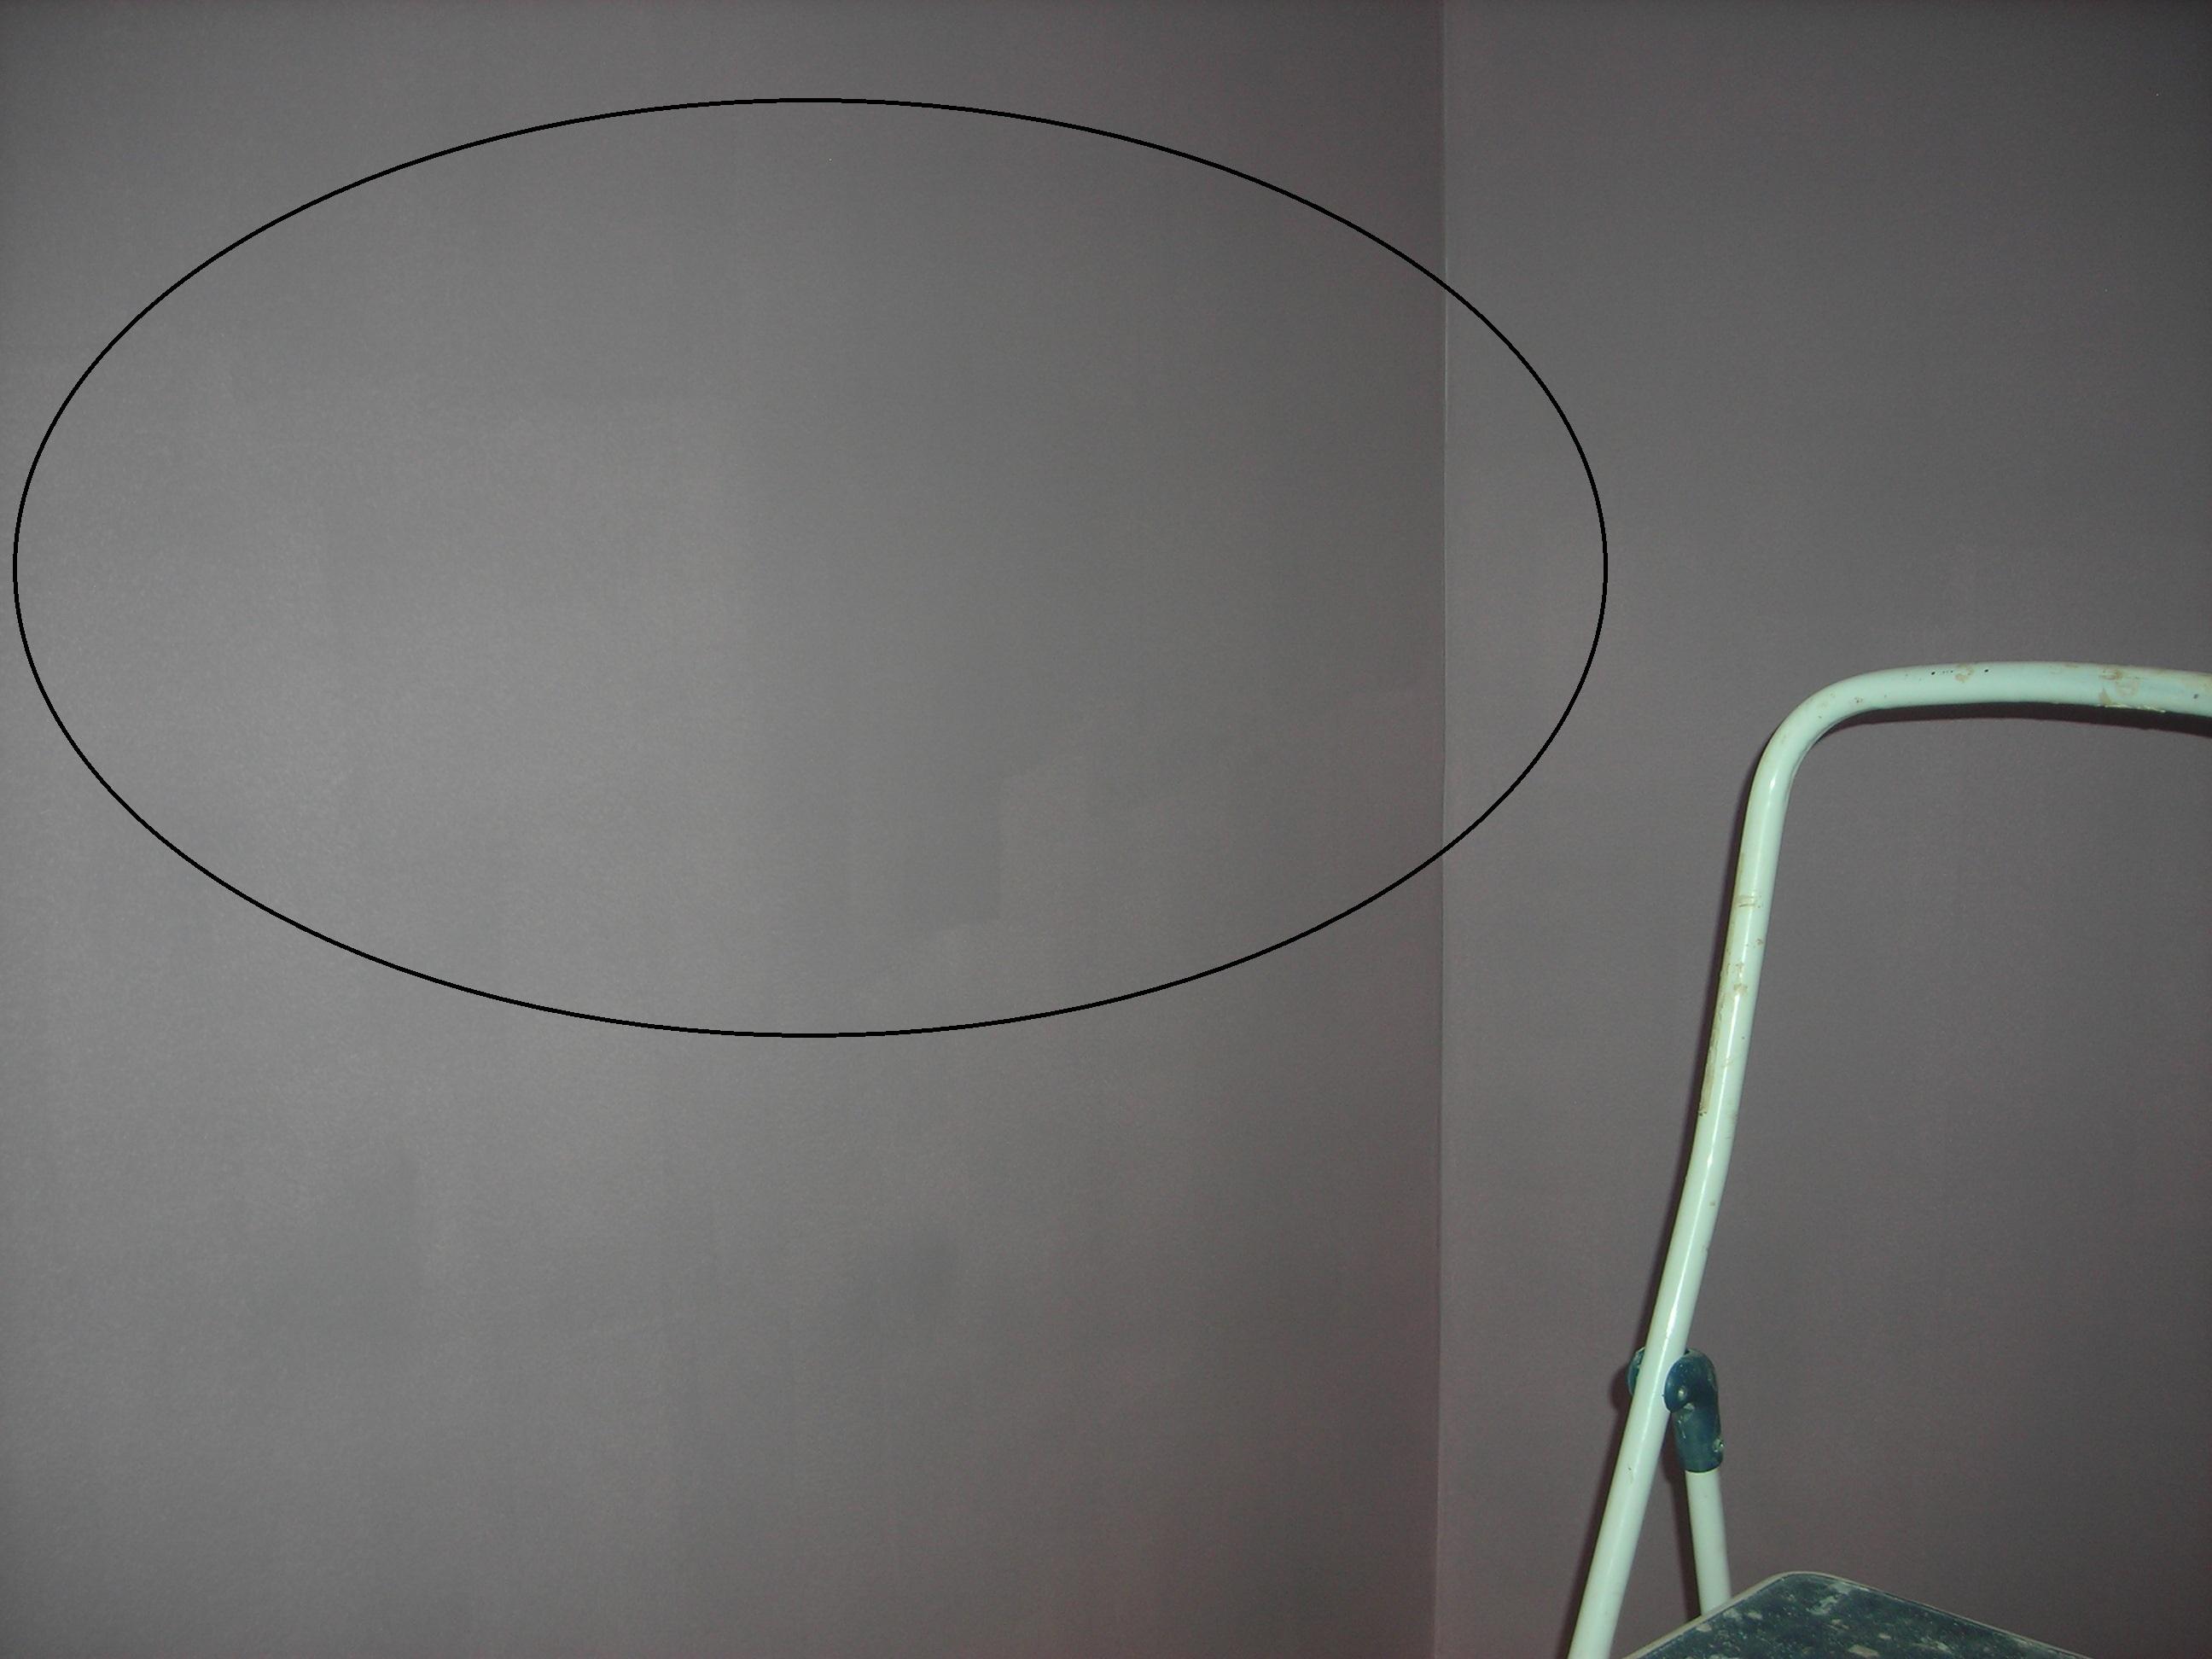 1e couche peinture ahh une cata ....ca se rattrappe ? - 29 messages - Peinture Epaisse Pour Cacher Defauts